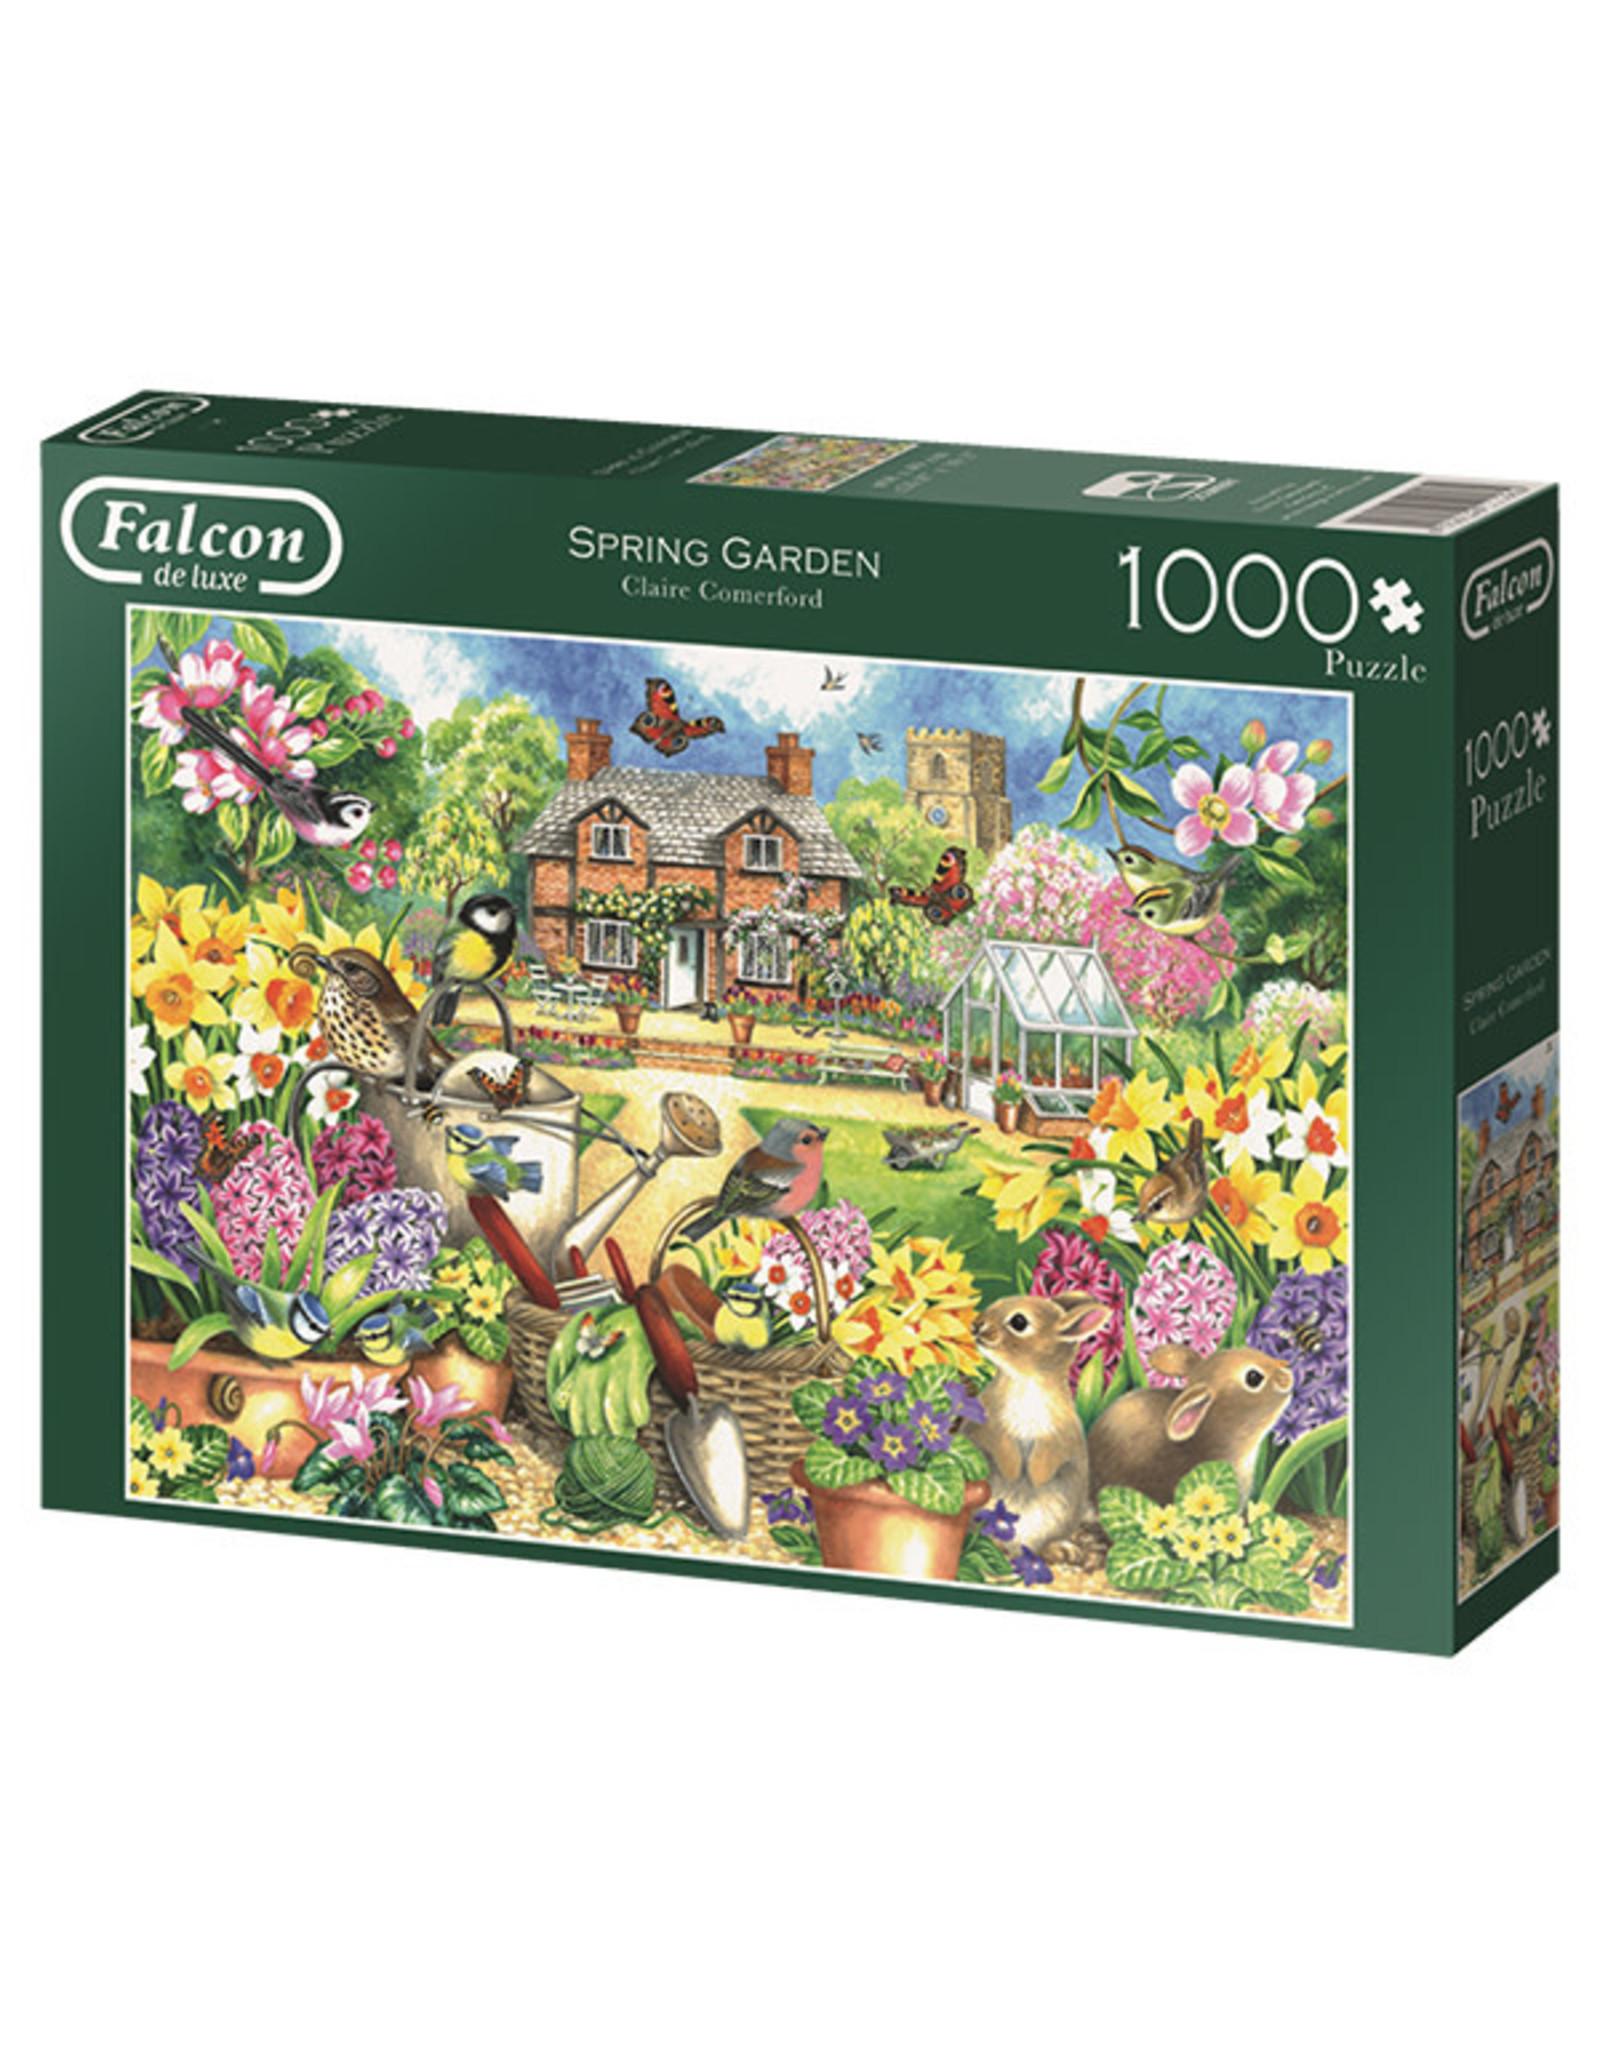 Falcon Spring Garden 1000pc Puzzle